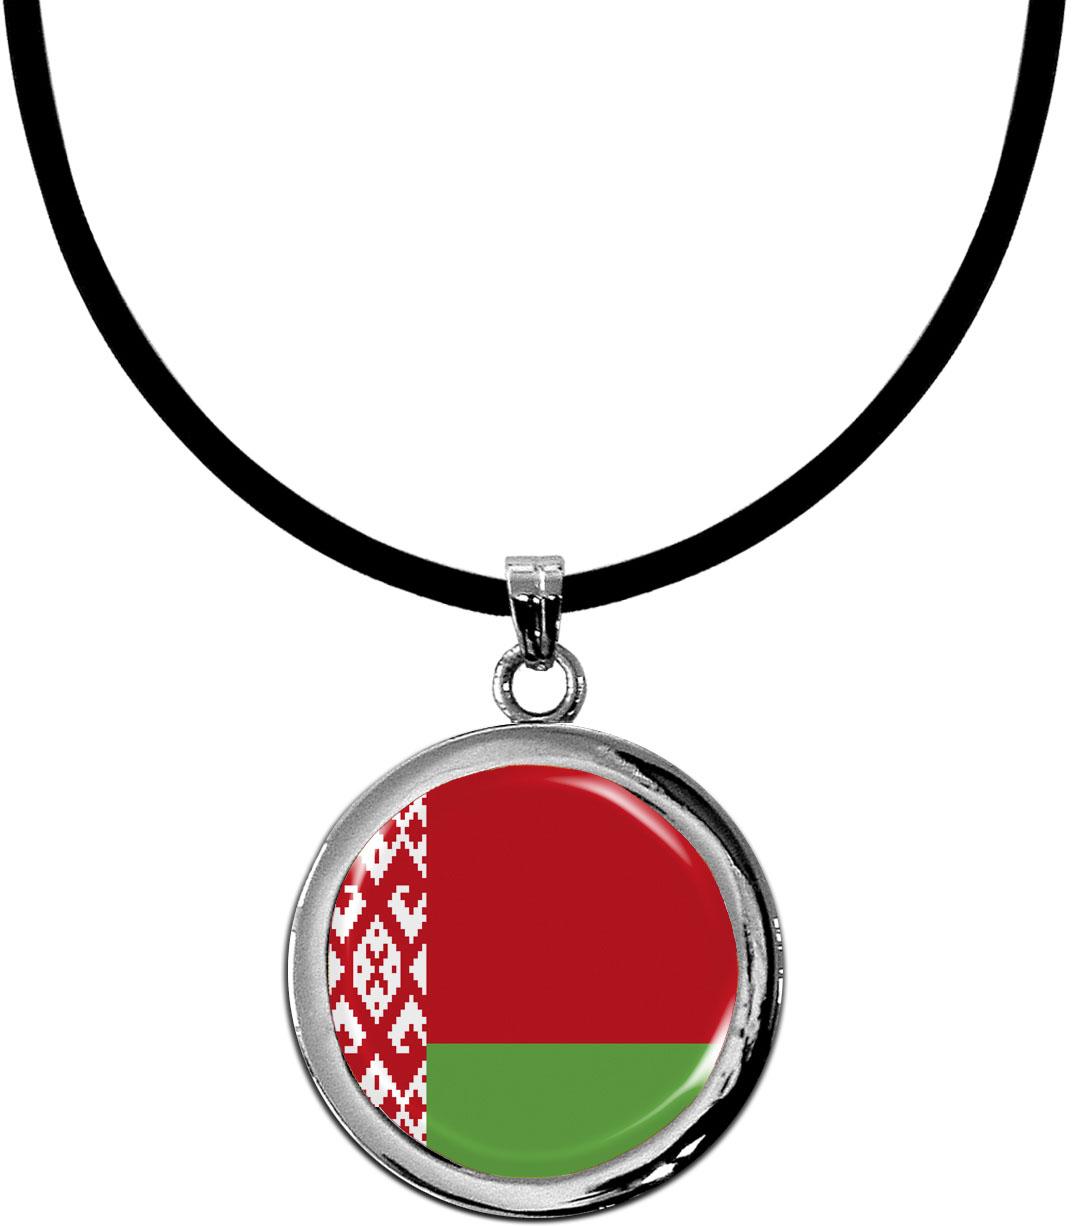 Kettenanhänger / Weißrussland / Silikonband mit Silberverschluss